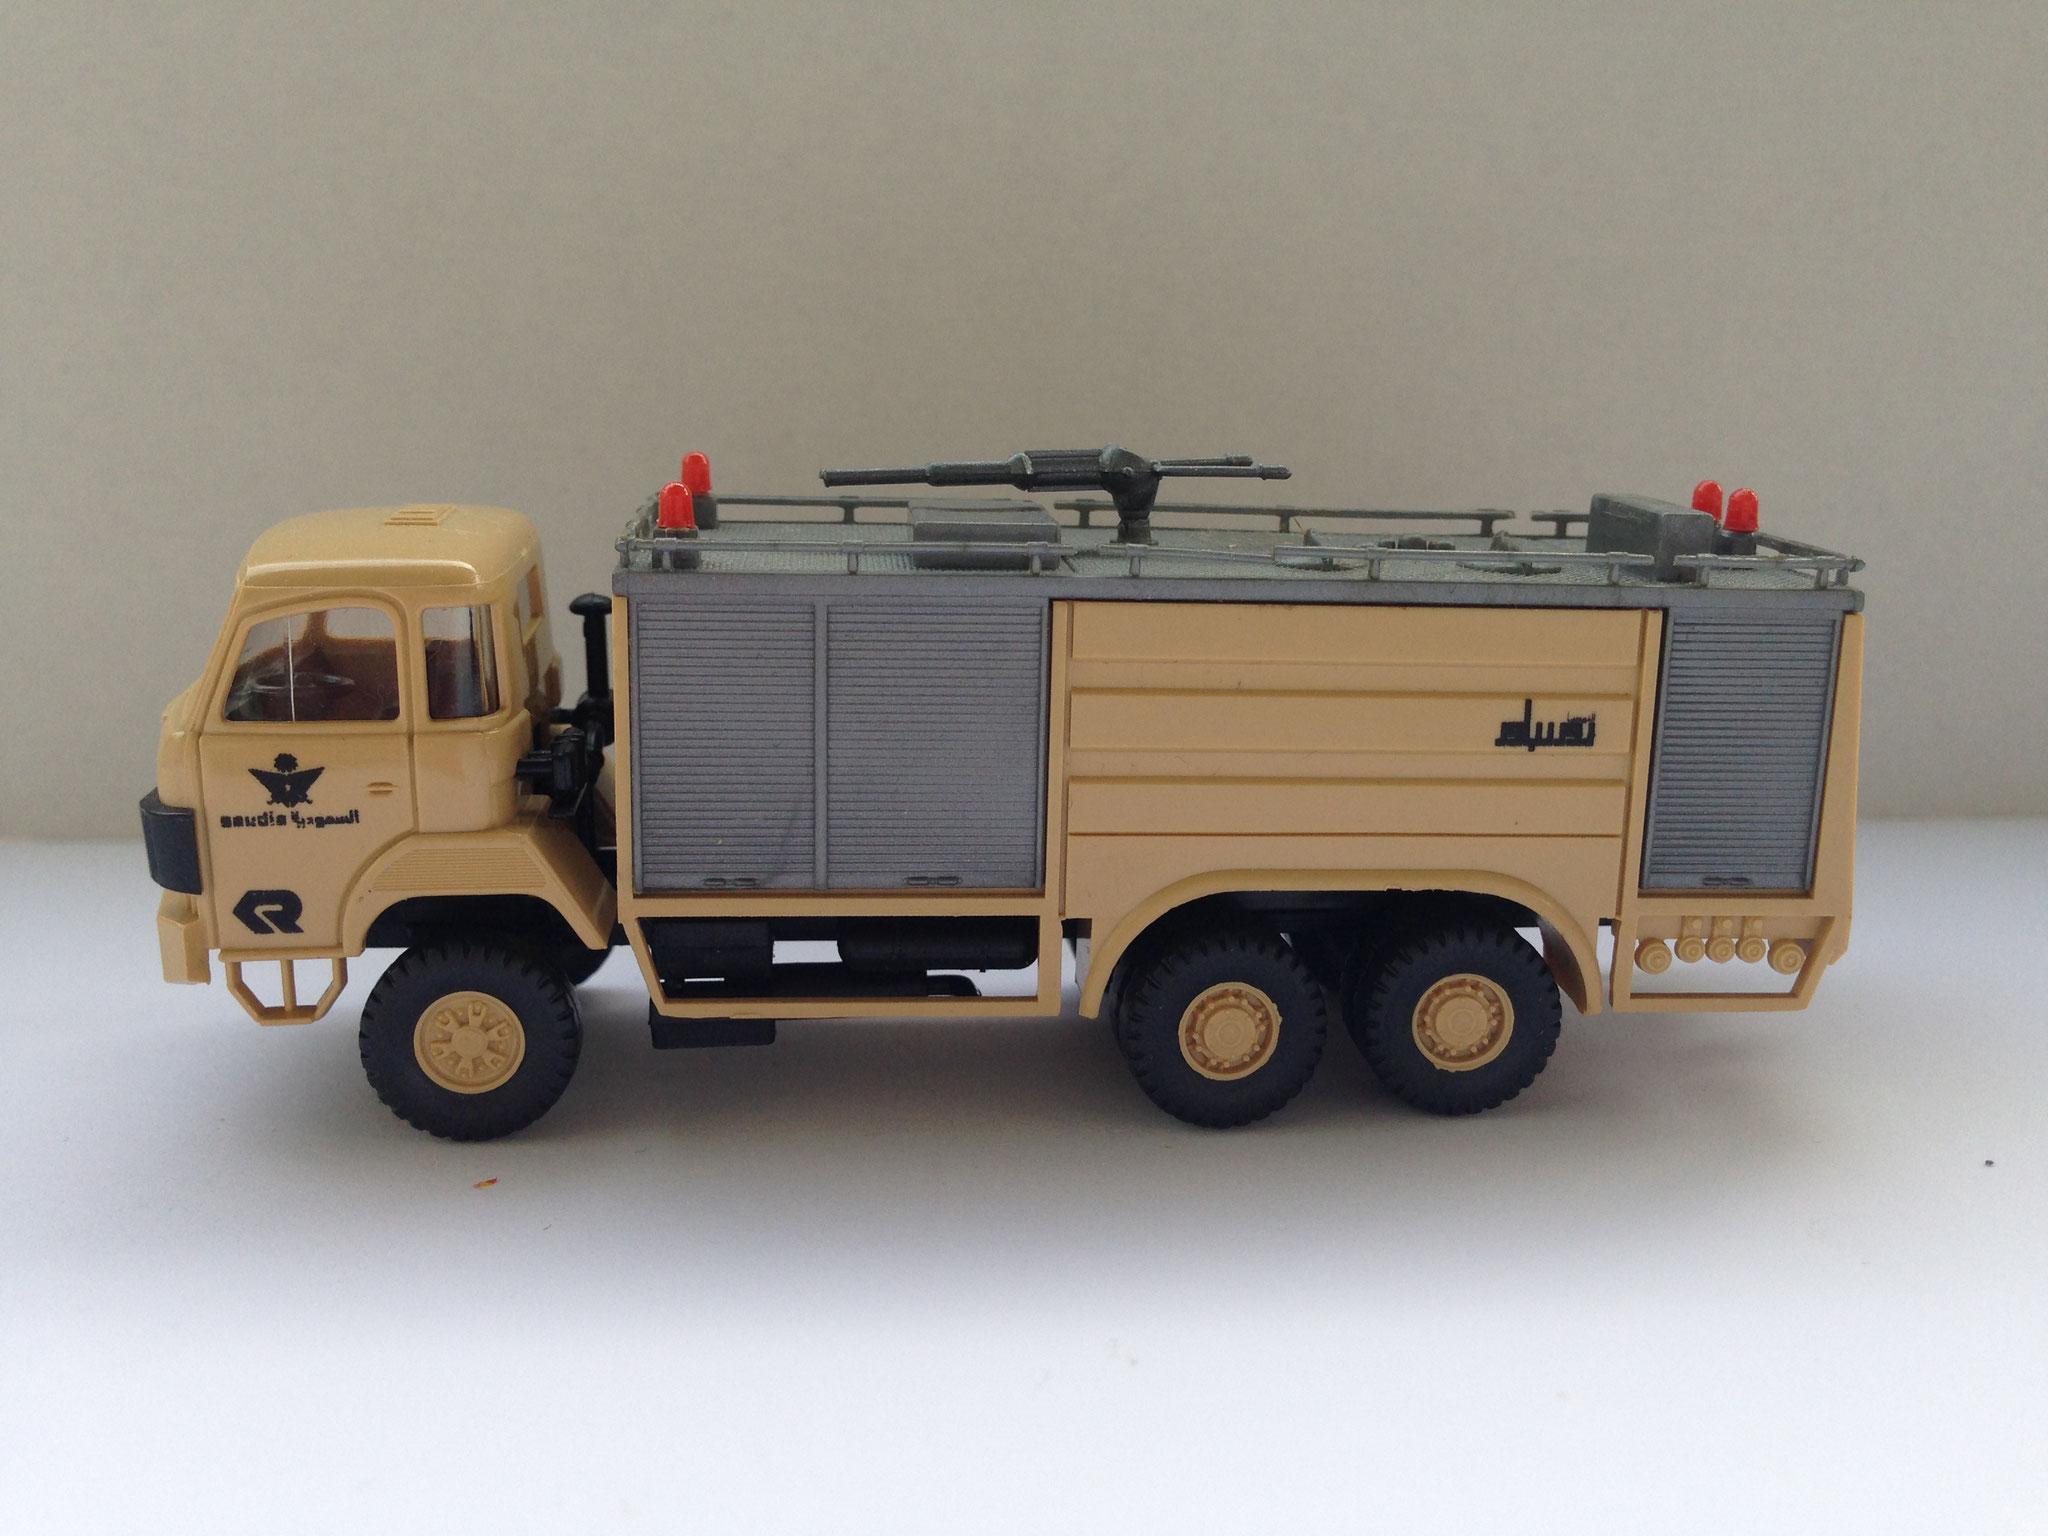 Feuerwehr Saudi-Arabien, 3-Achser-Tanklöschfahrzeug, Sondermodell